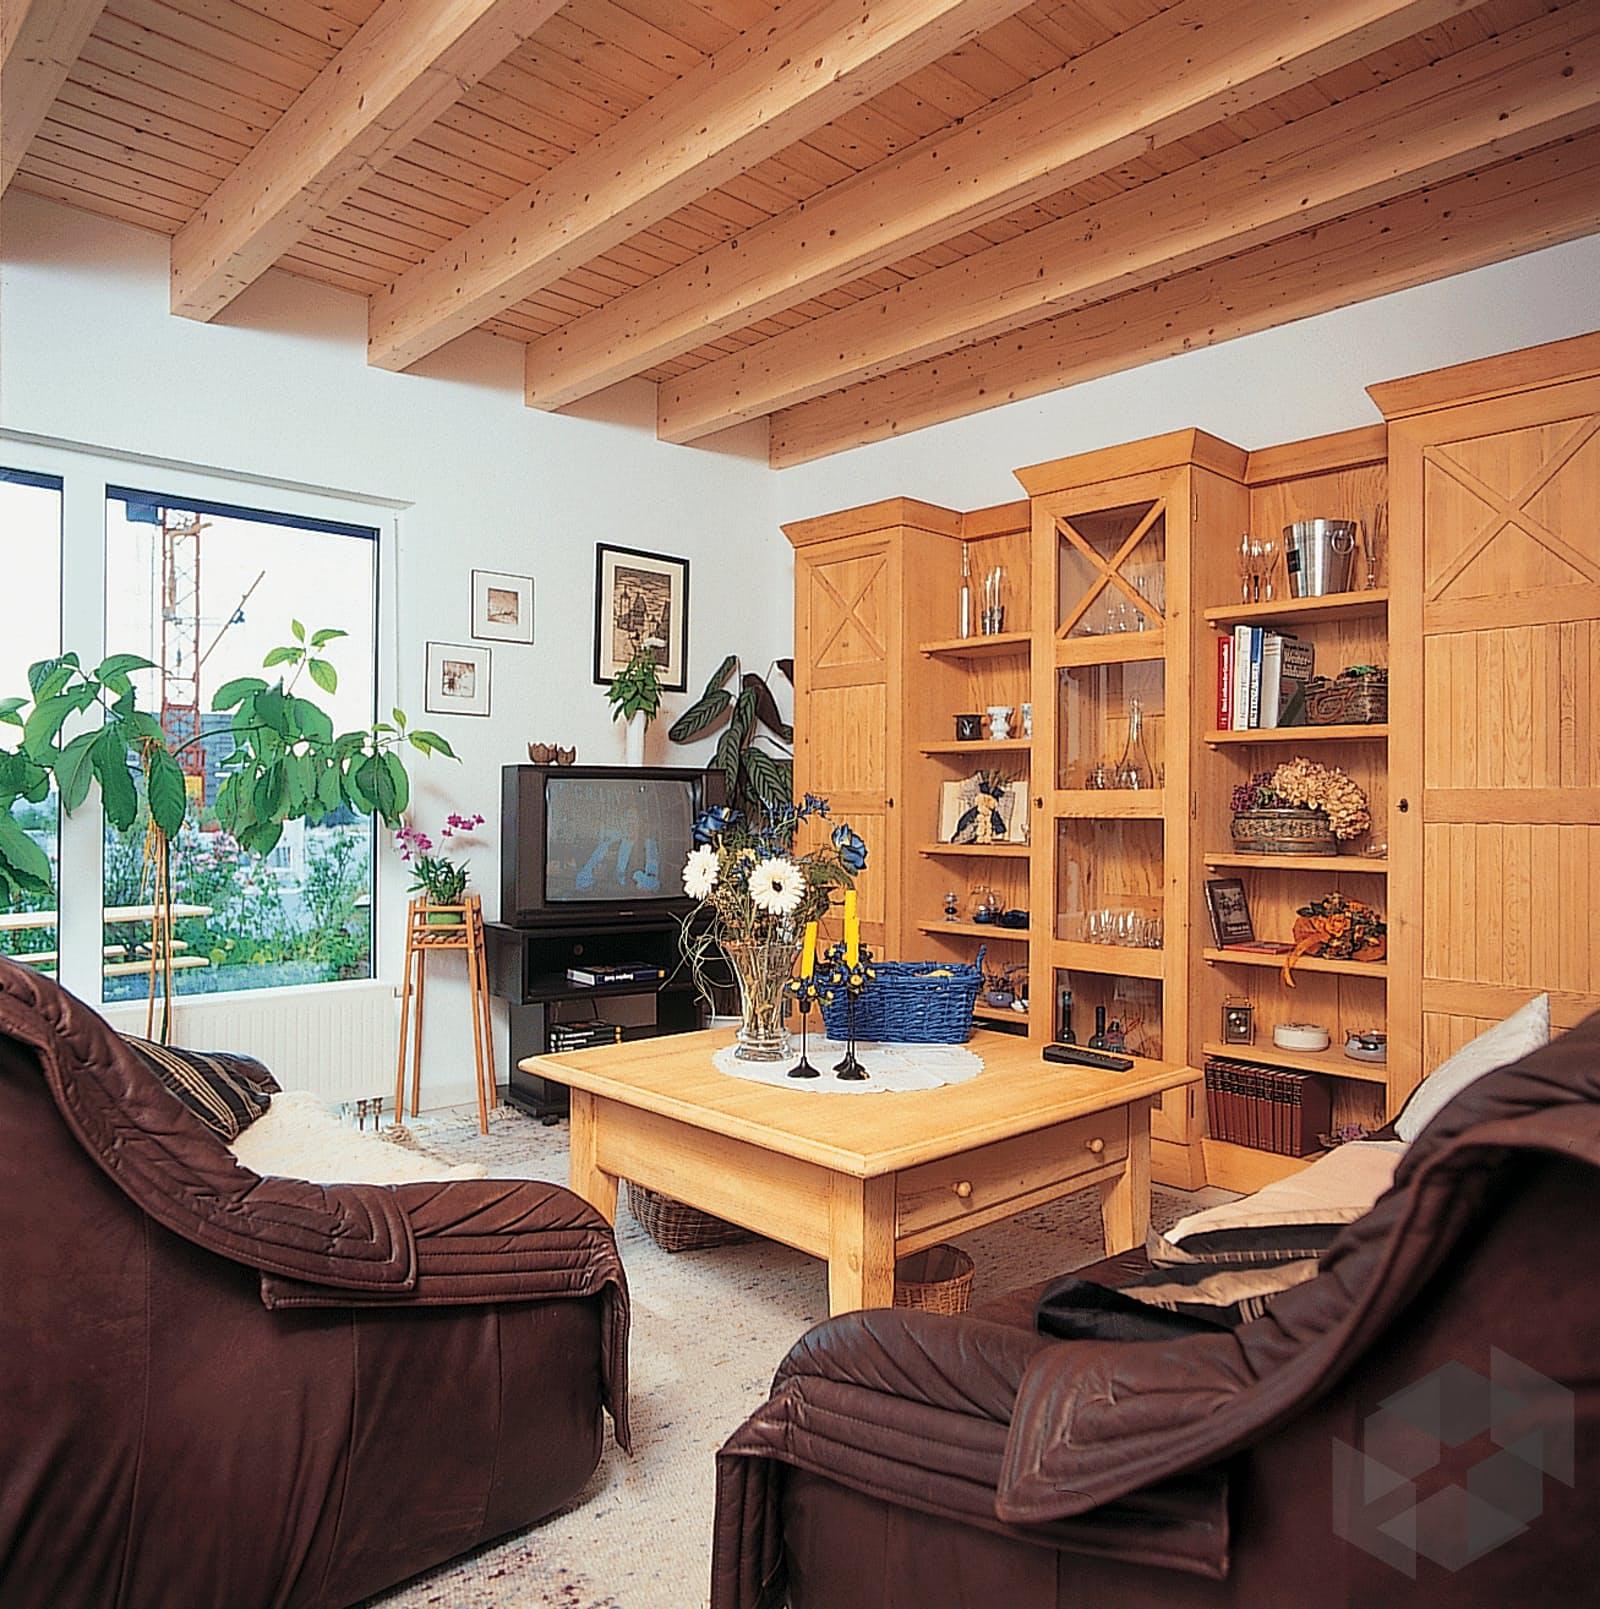 sch neck von keitel haus komplette daten bersicht. Black Bedroom Furniture Sets. Home Design Ideas